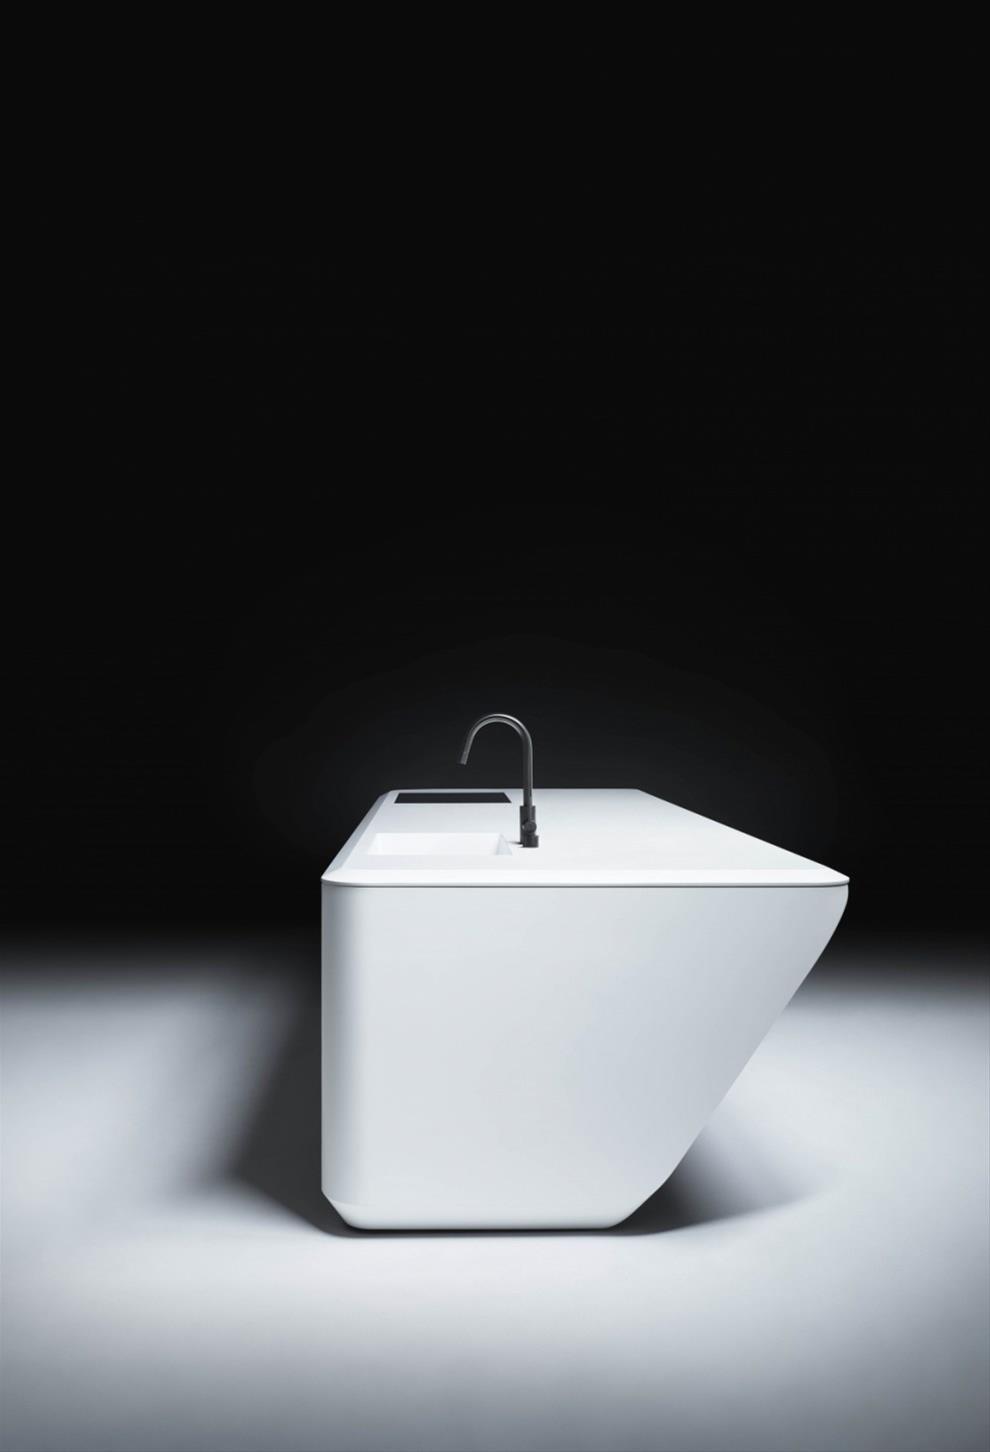 Zaha Hadid Furniture Design Black And White Kitchen